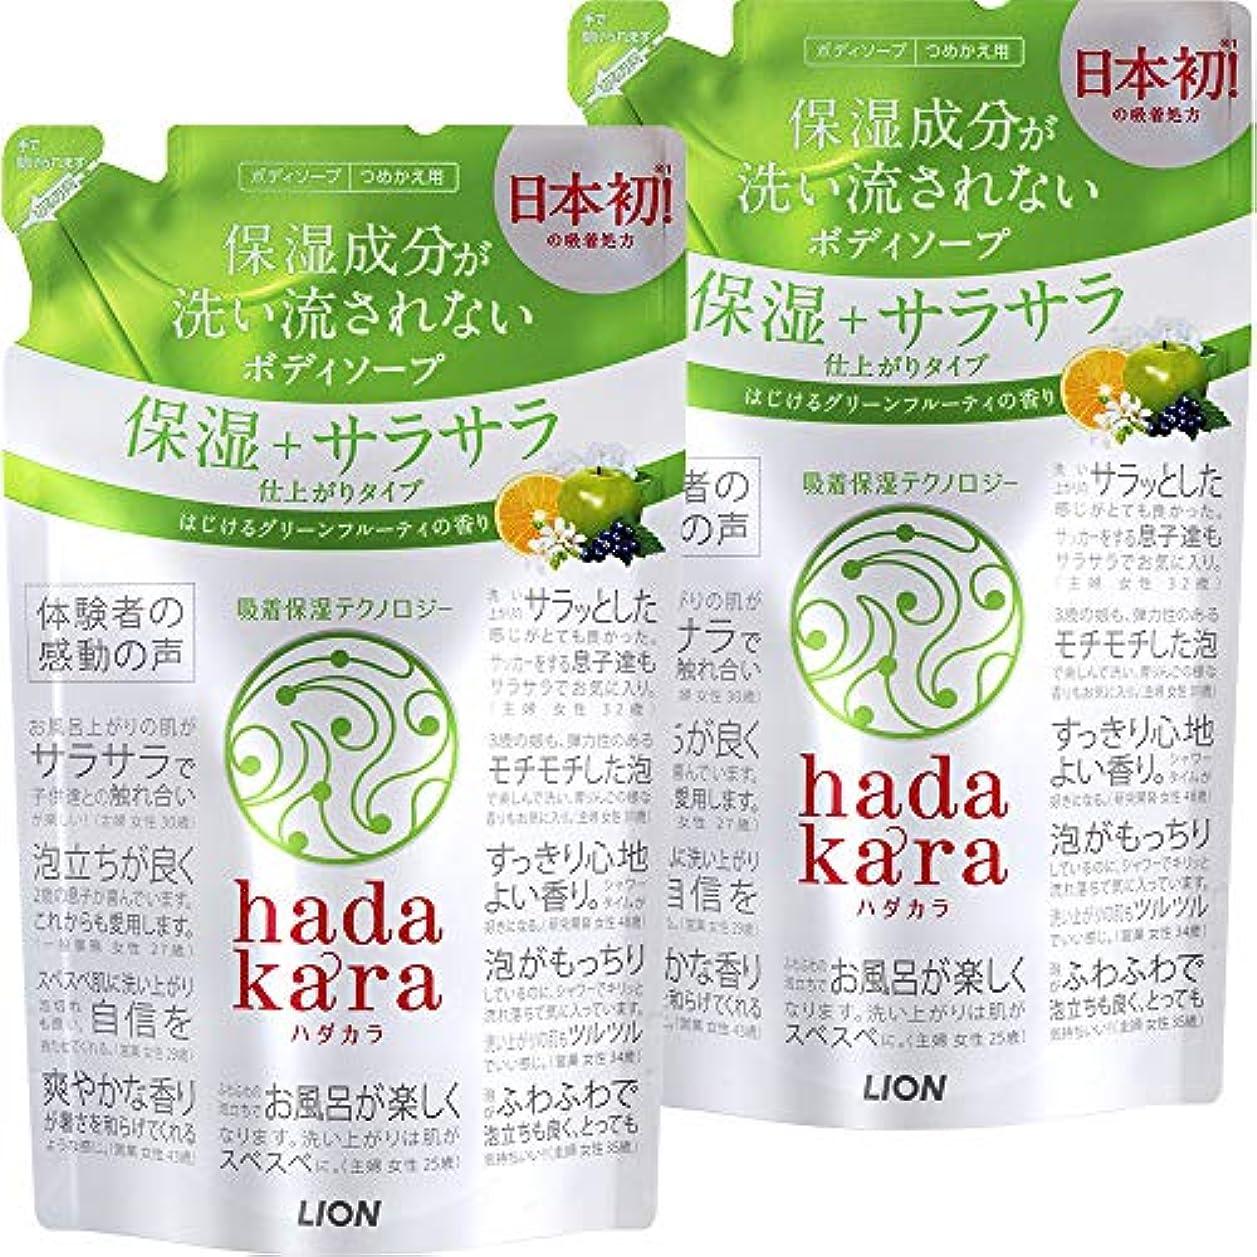 赤面快適またはどちらか【まとめ買い】hadakara(ハダカラ) ボディソープ 保湿+サラサラ仕上がりタイプ グリーンフルーティの香り 詰め替え 340ml×2個パック